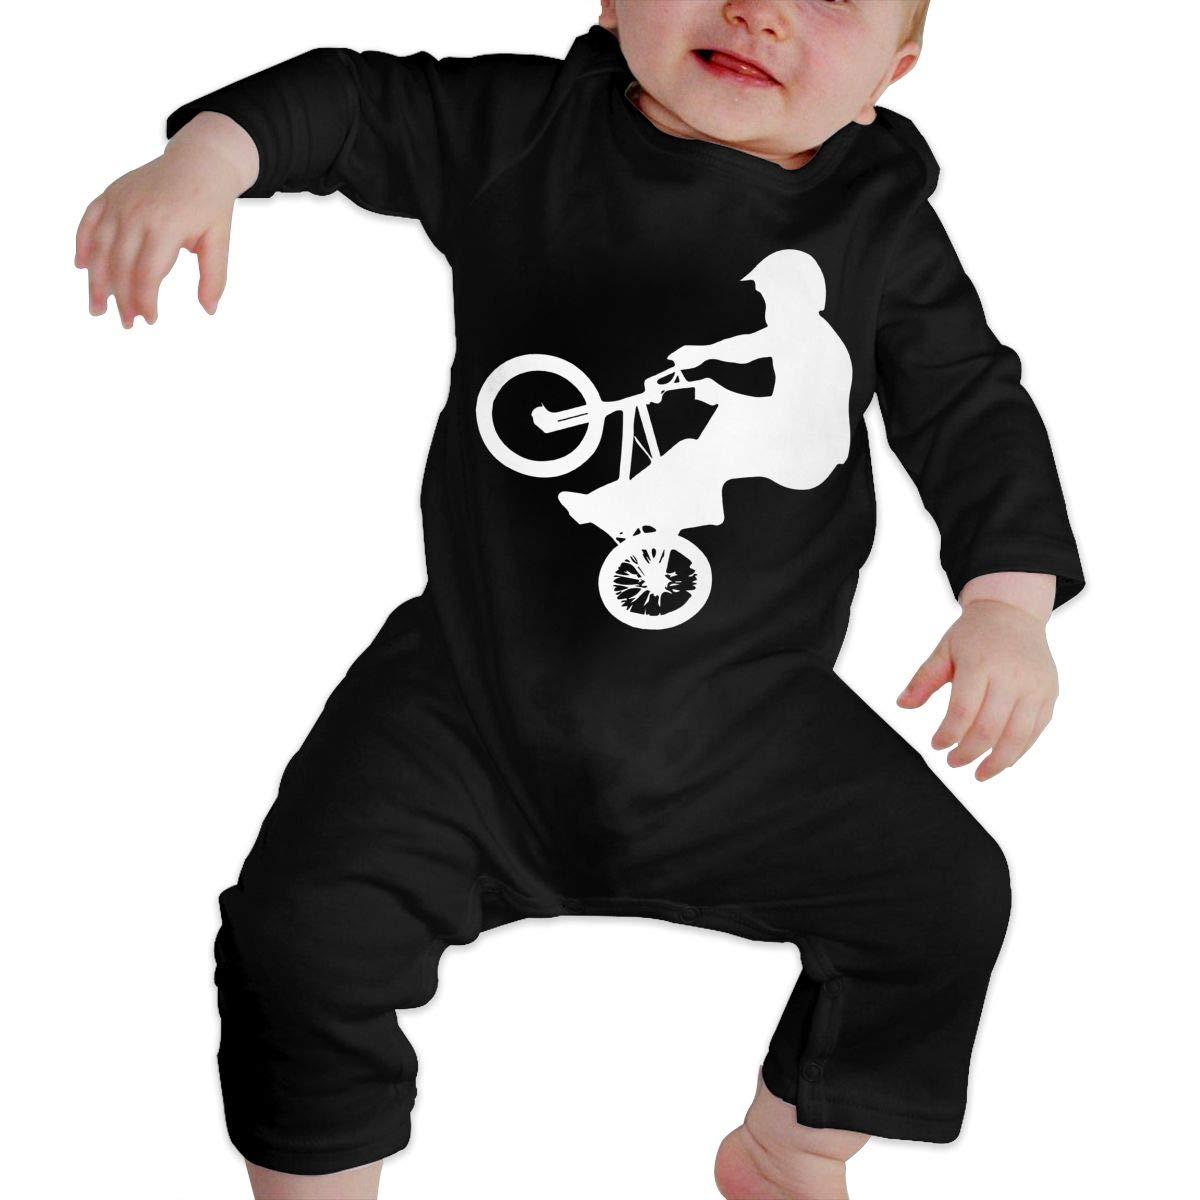 U99oi-9 Long Sleeve Cotton Bodysuit for Unisex Baby Soft BMX Crawler